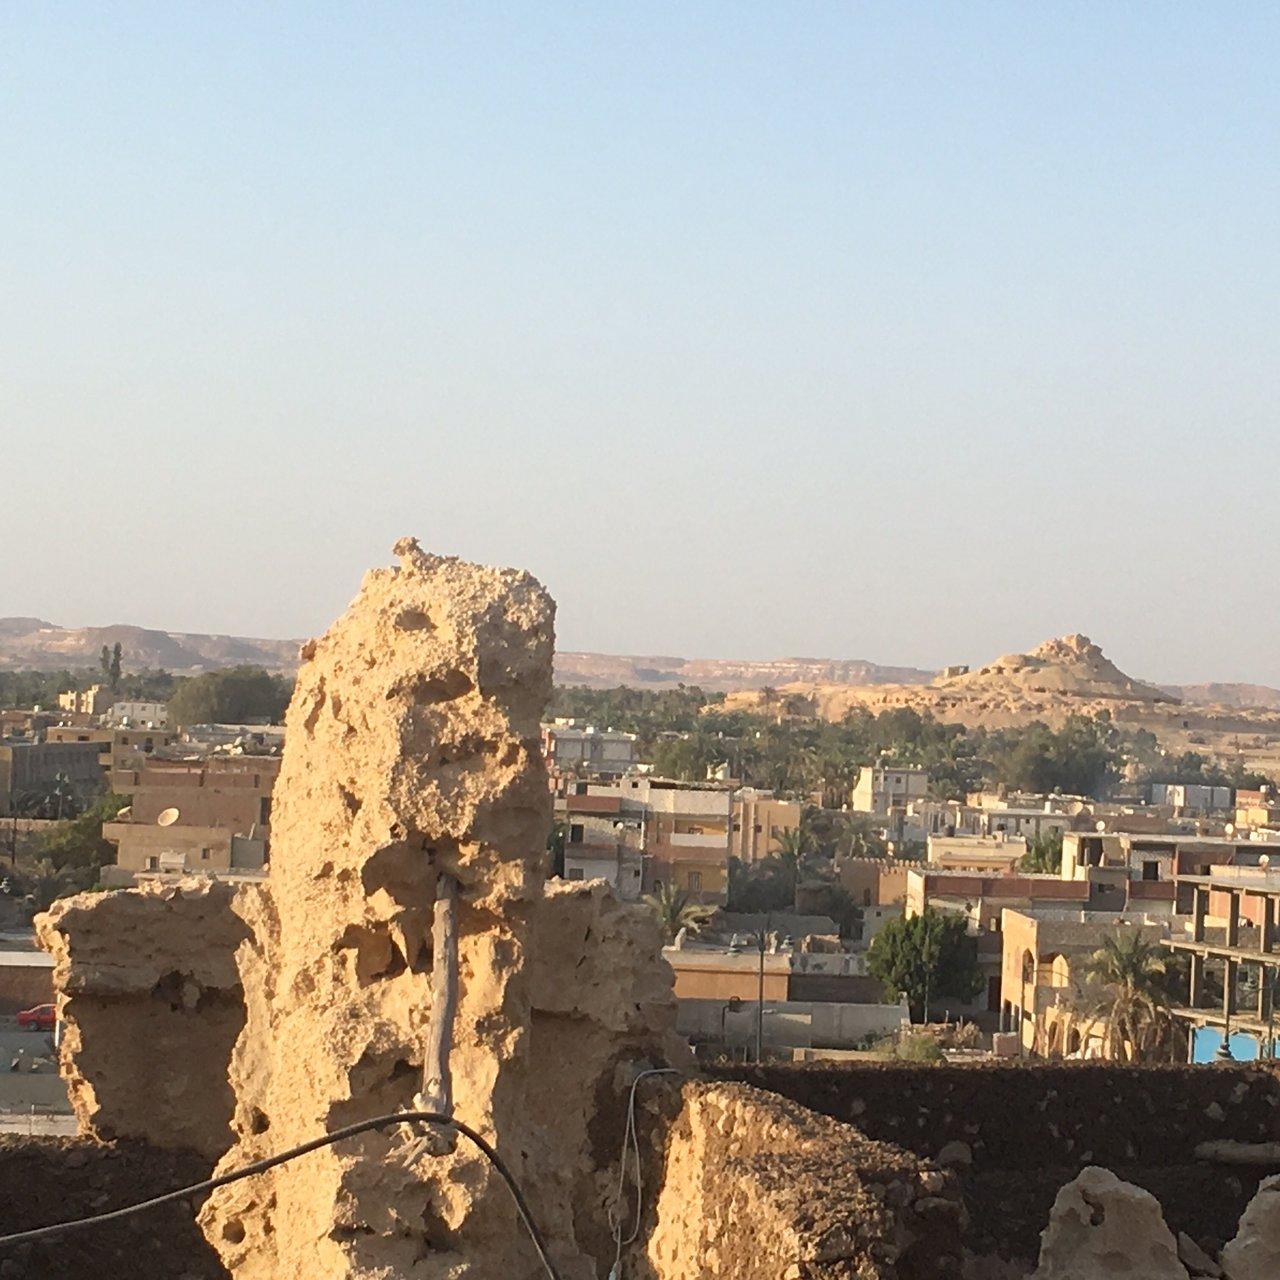 Adult Guide in Qasr Farafra